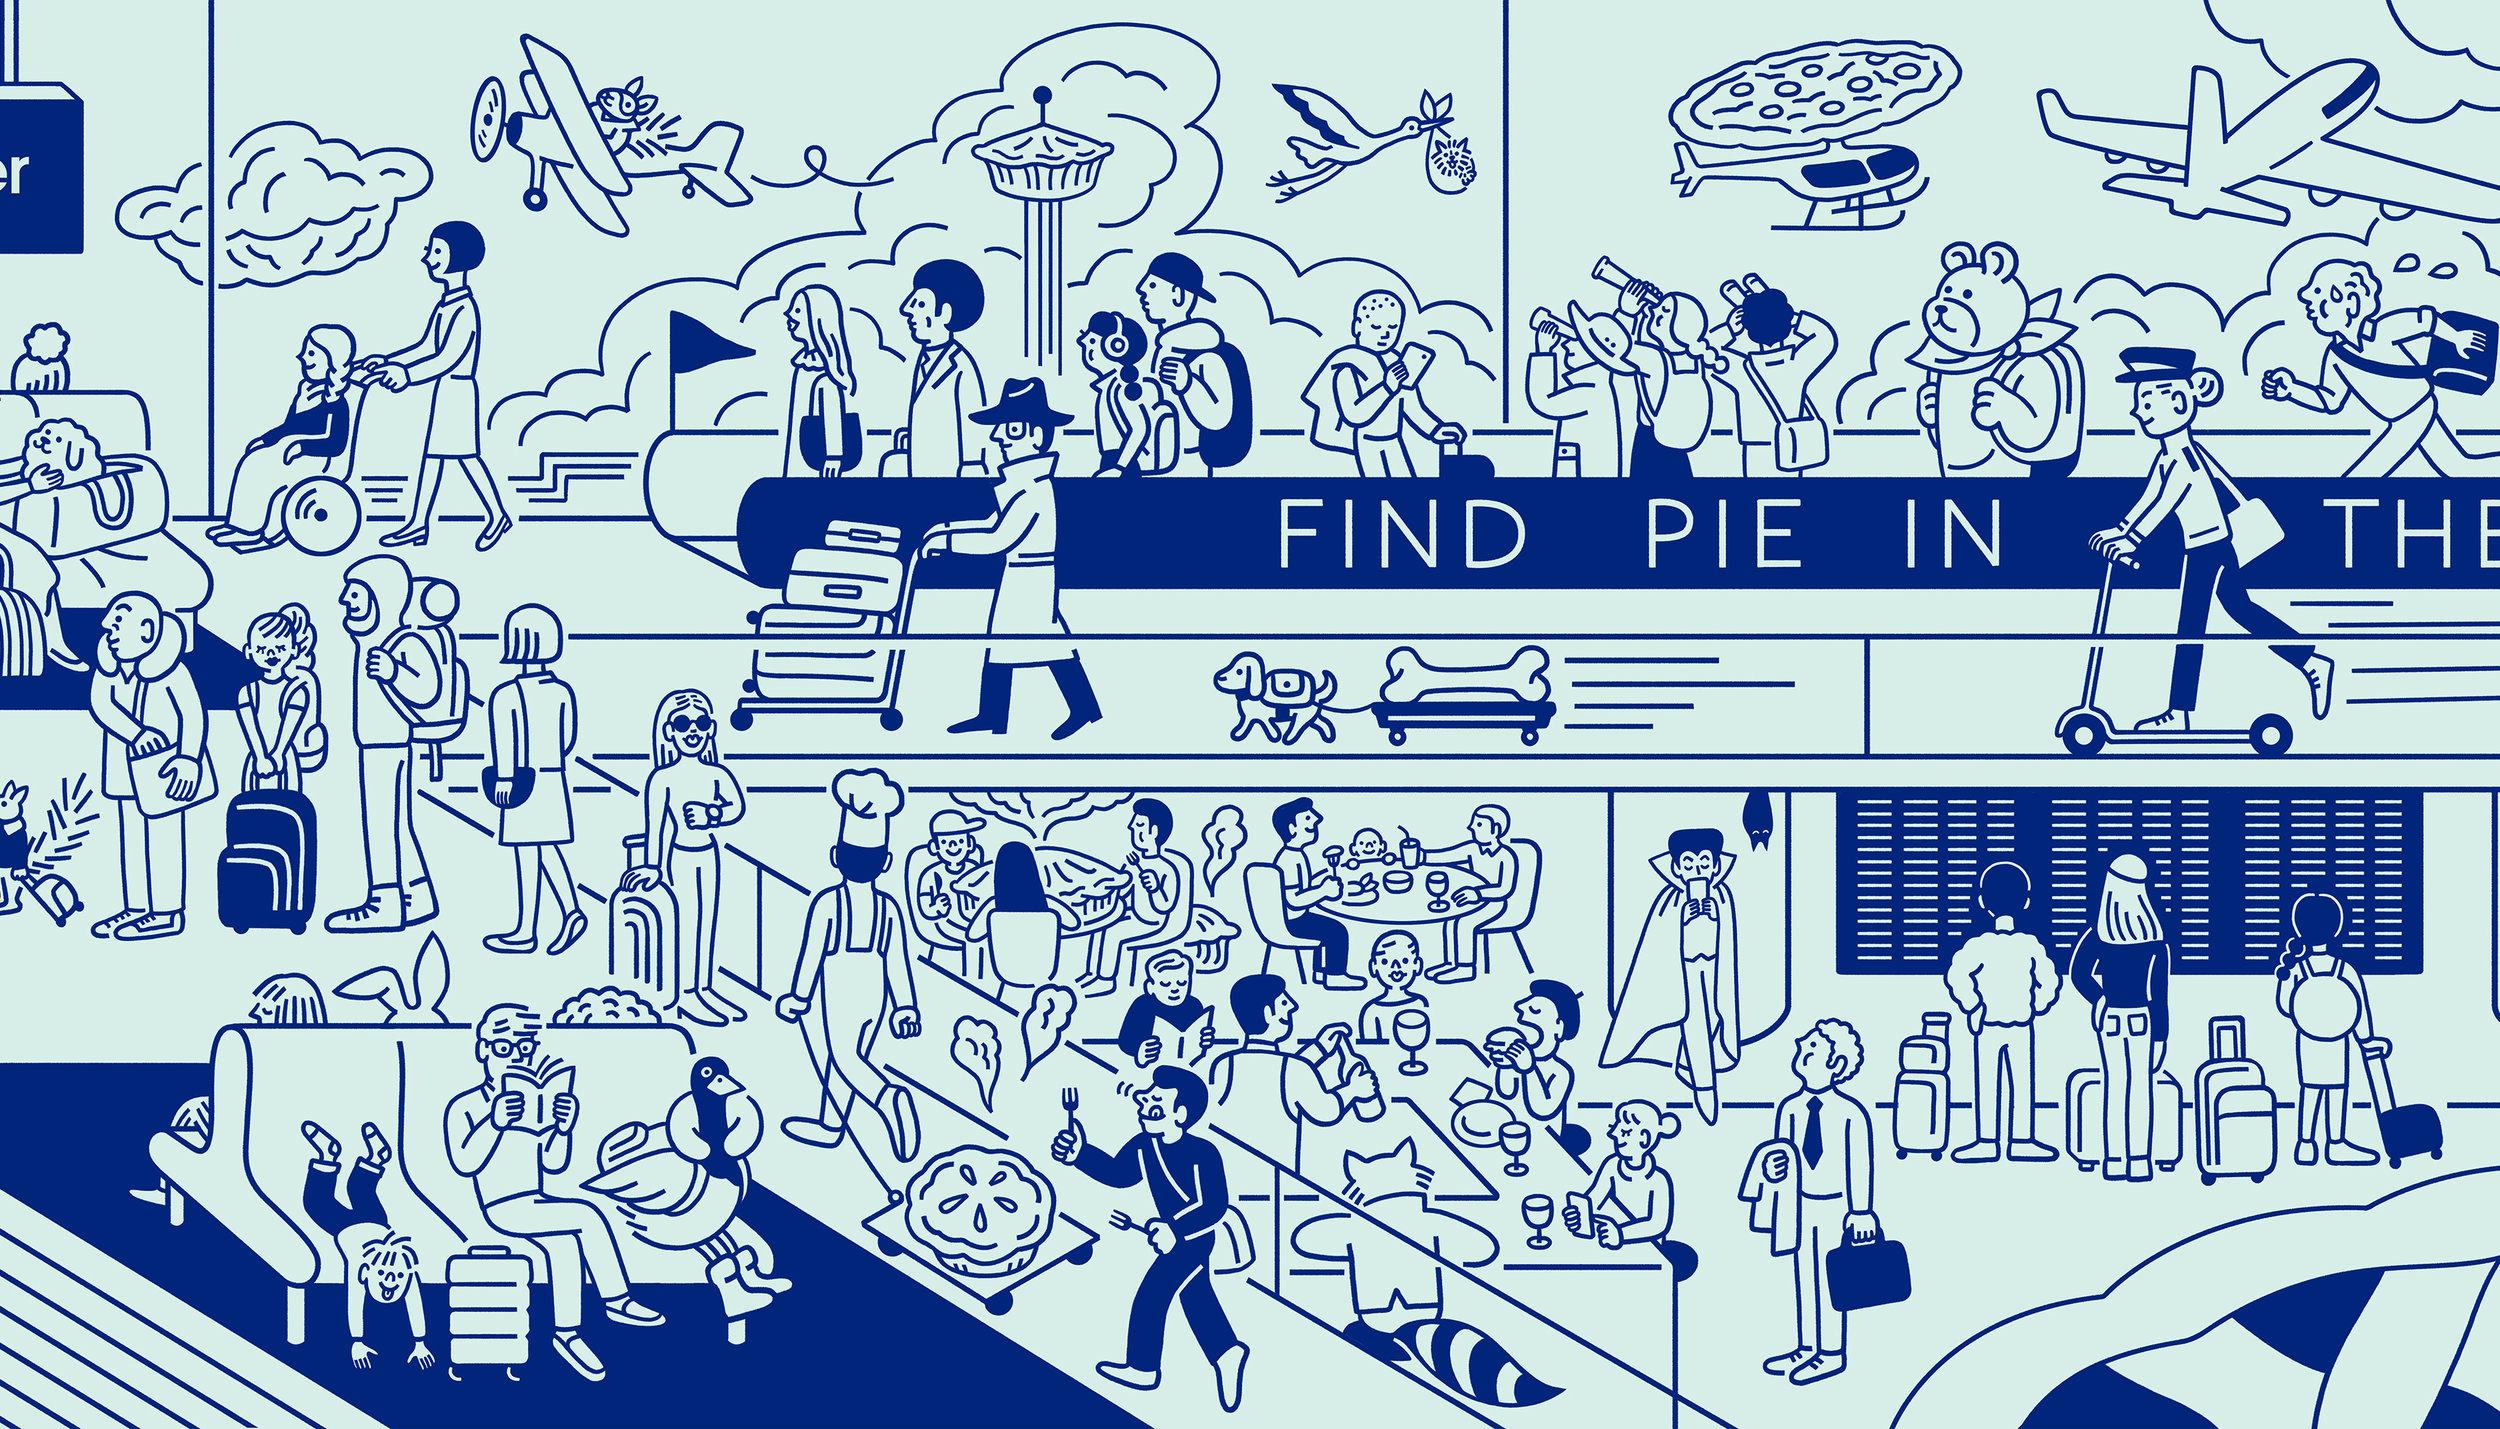 Casper-Find Pies-2.jpg